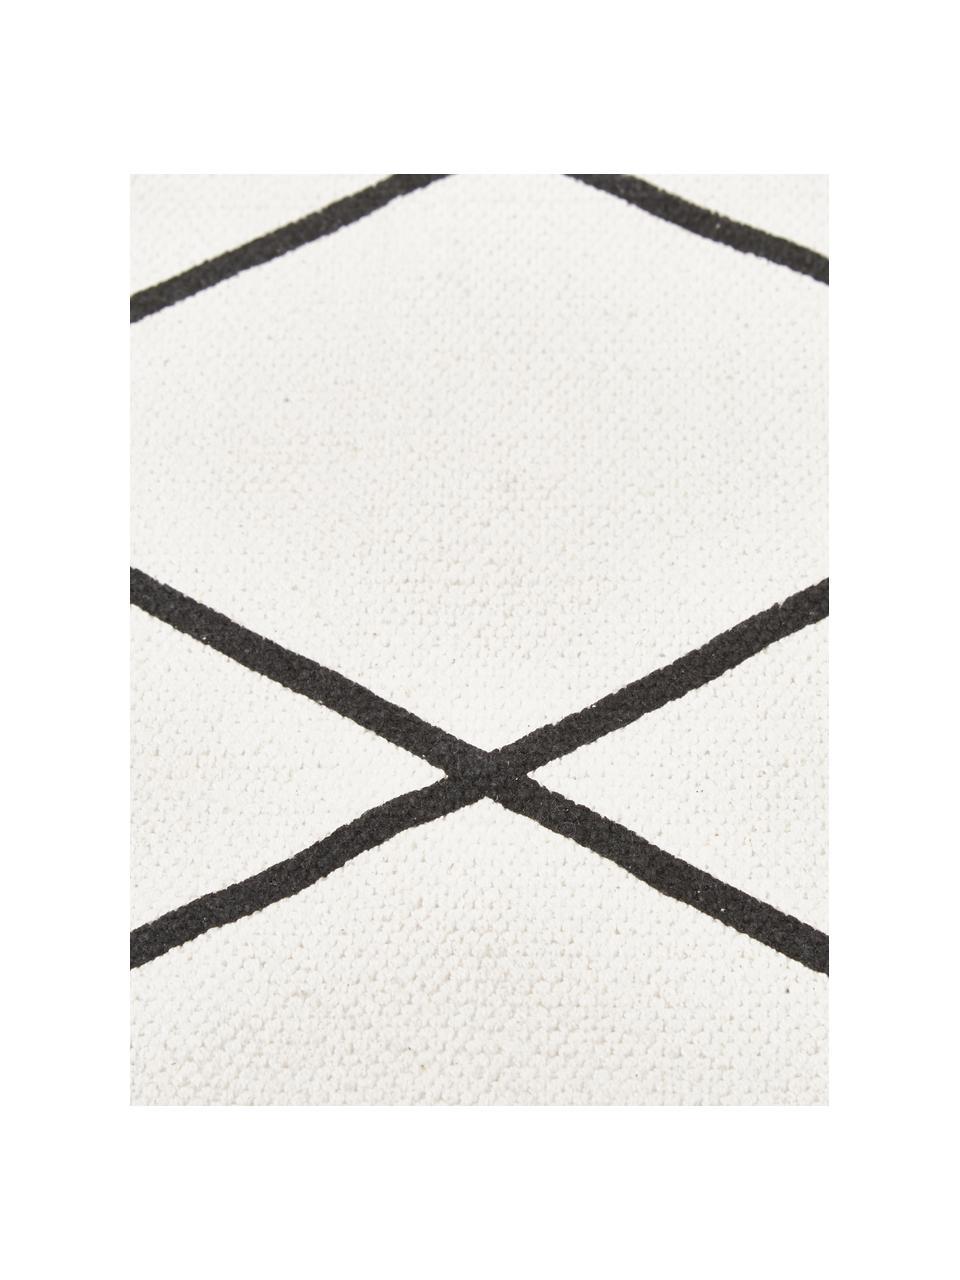 Flachgewebter Baumwollteppich Farah mit Rautenmuster, 100% Baumwolle, Cremeweiß, Schwarz, B 200 x L 300 cm (Größe L)